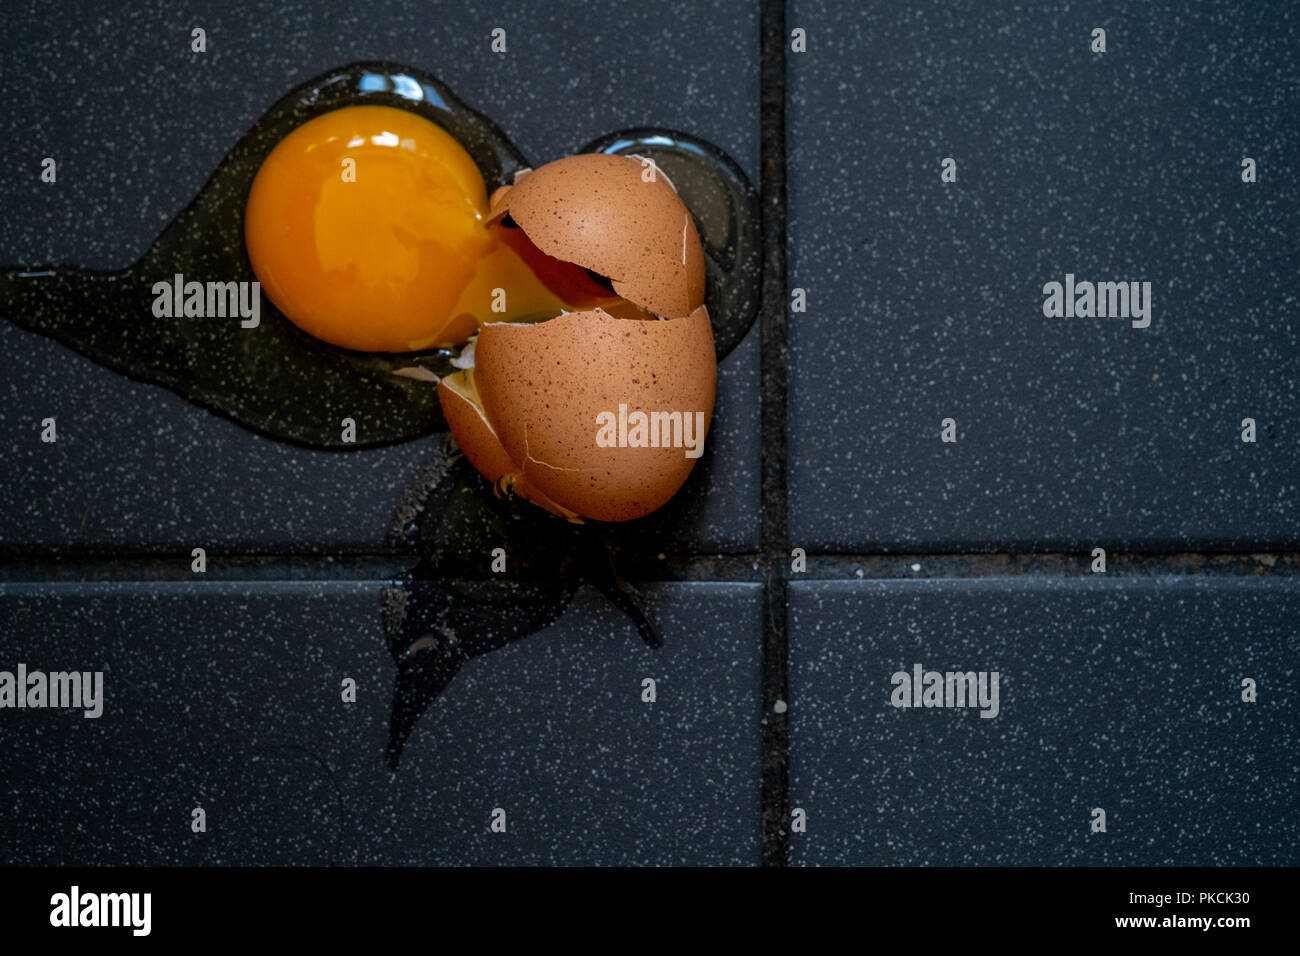 Cracked egg - Stock Image